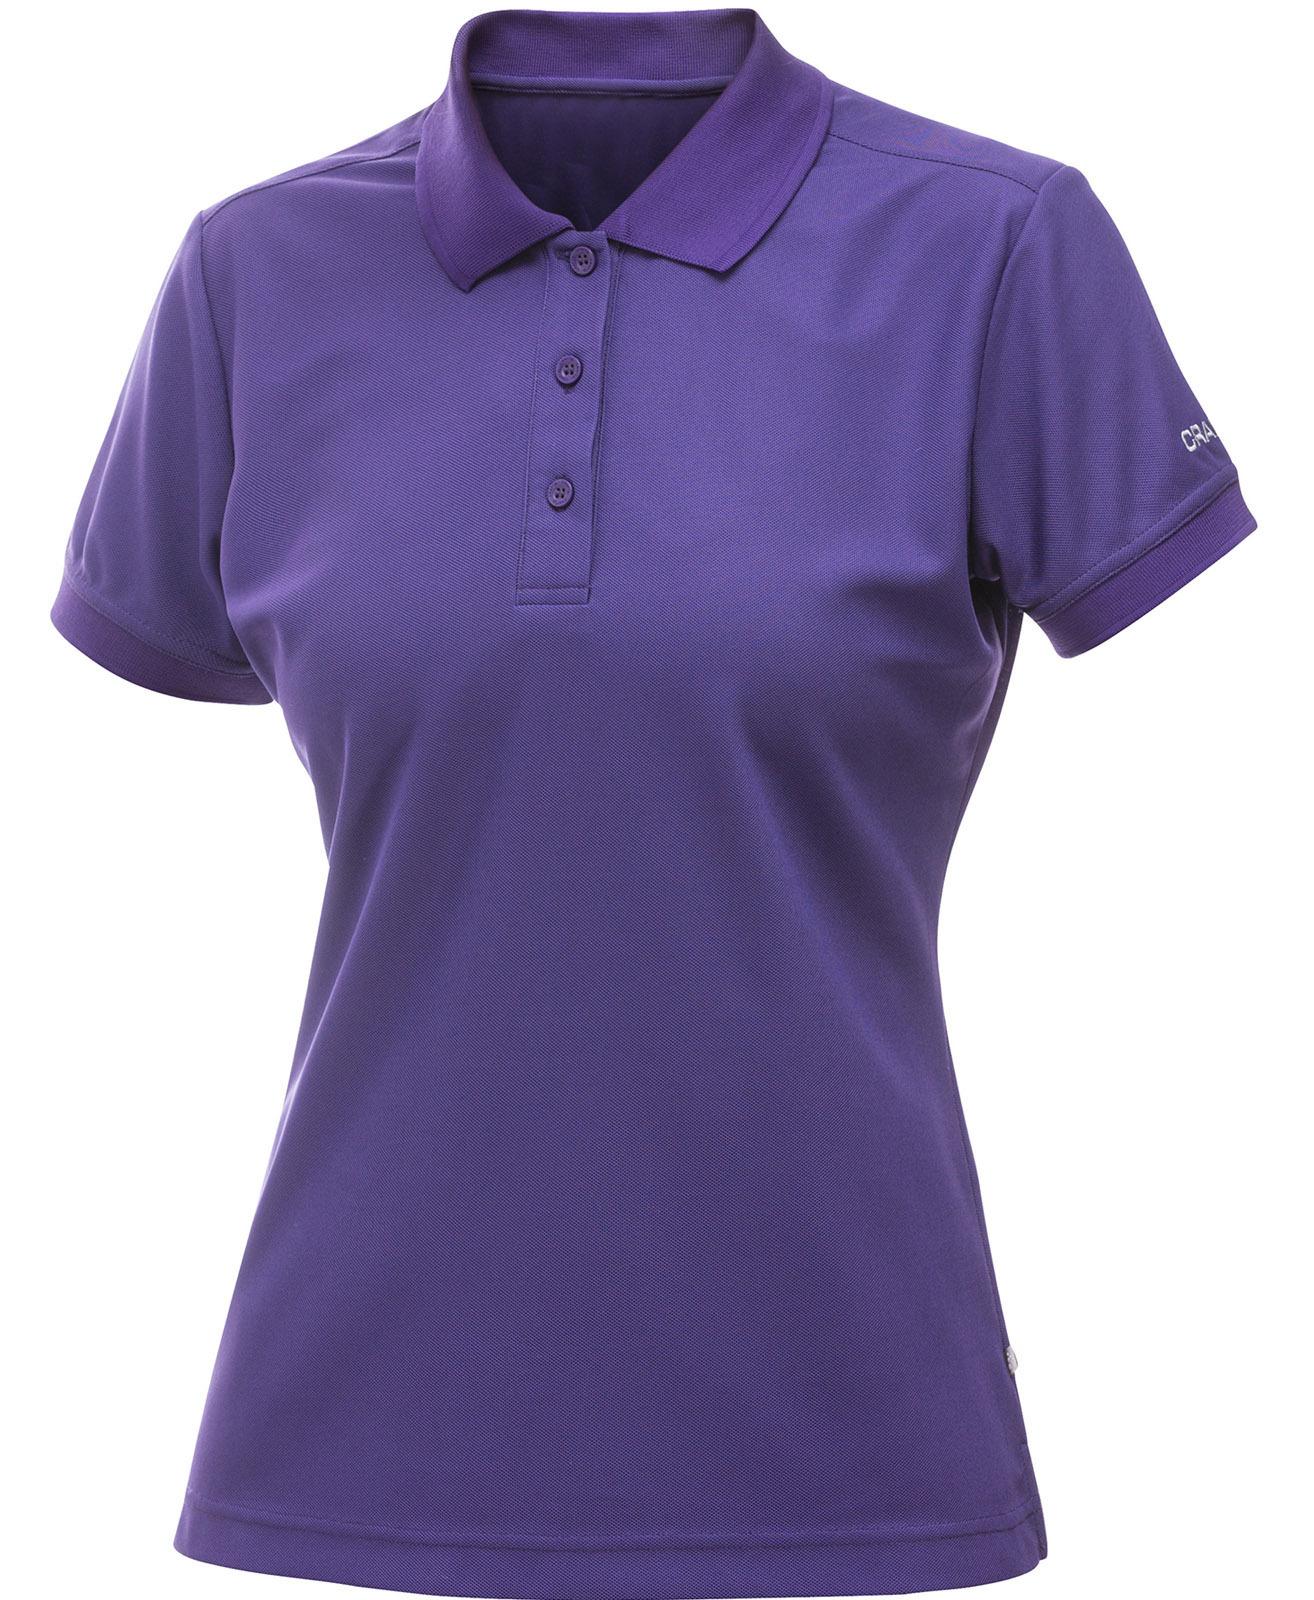 Рубашка-поло женская Craft Pique фиолетовая